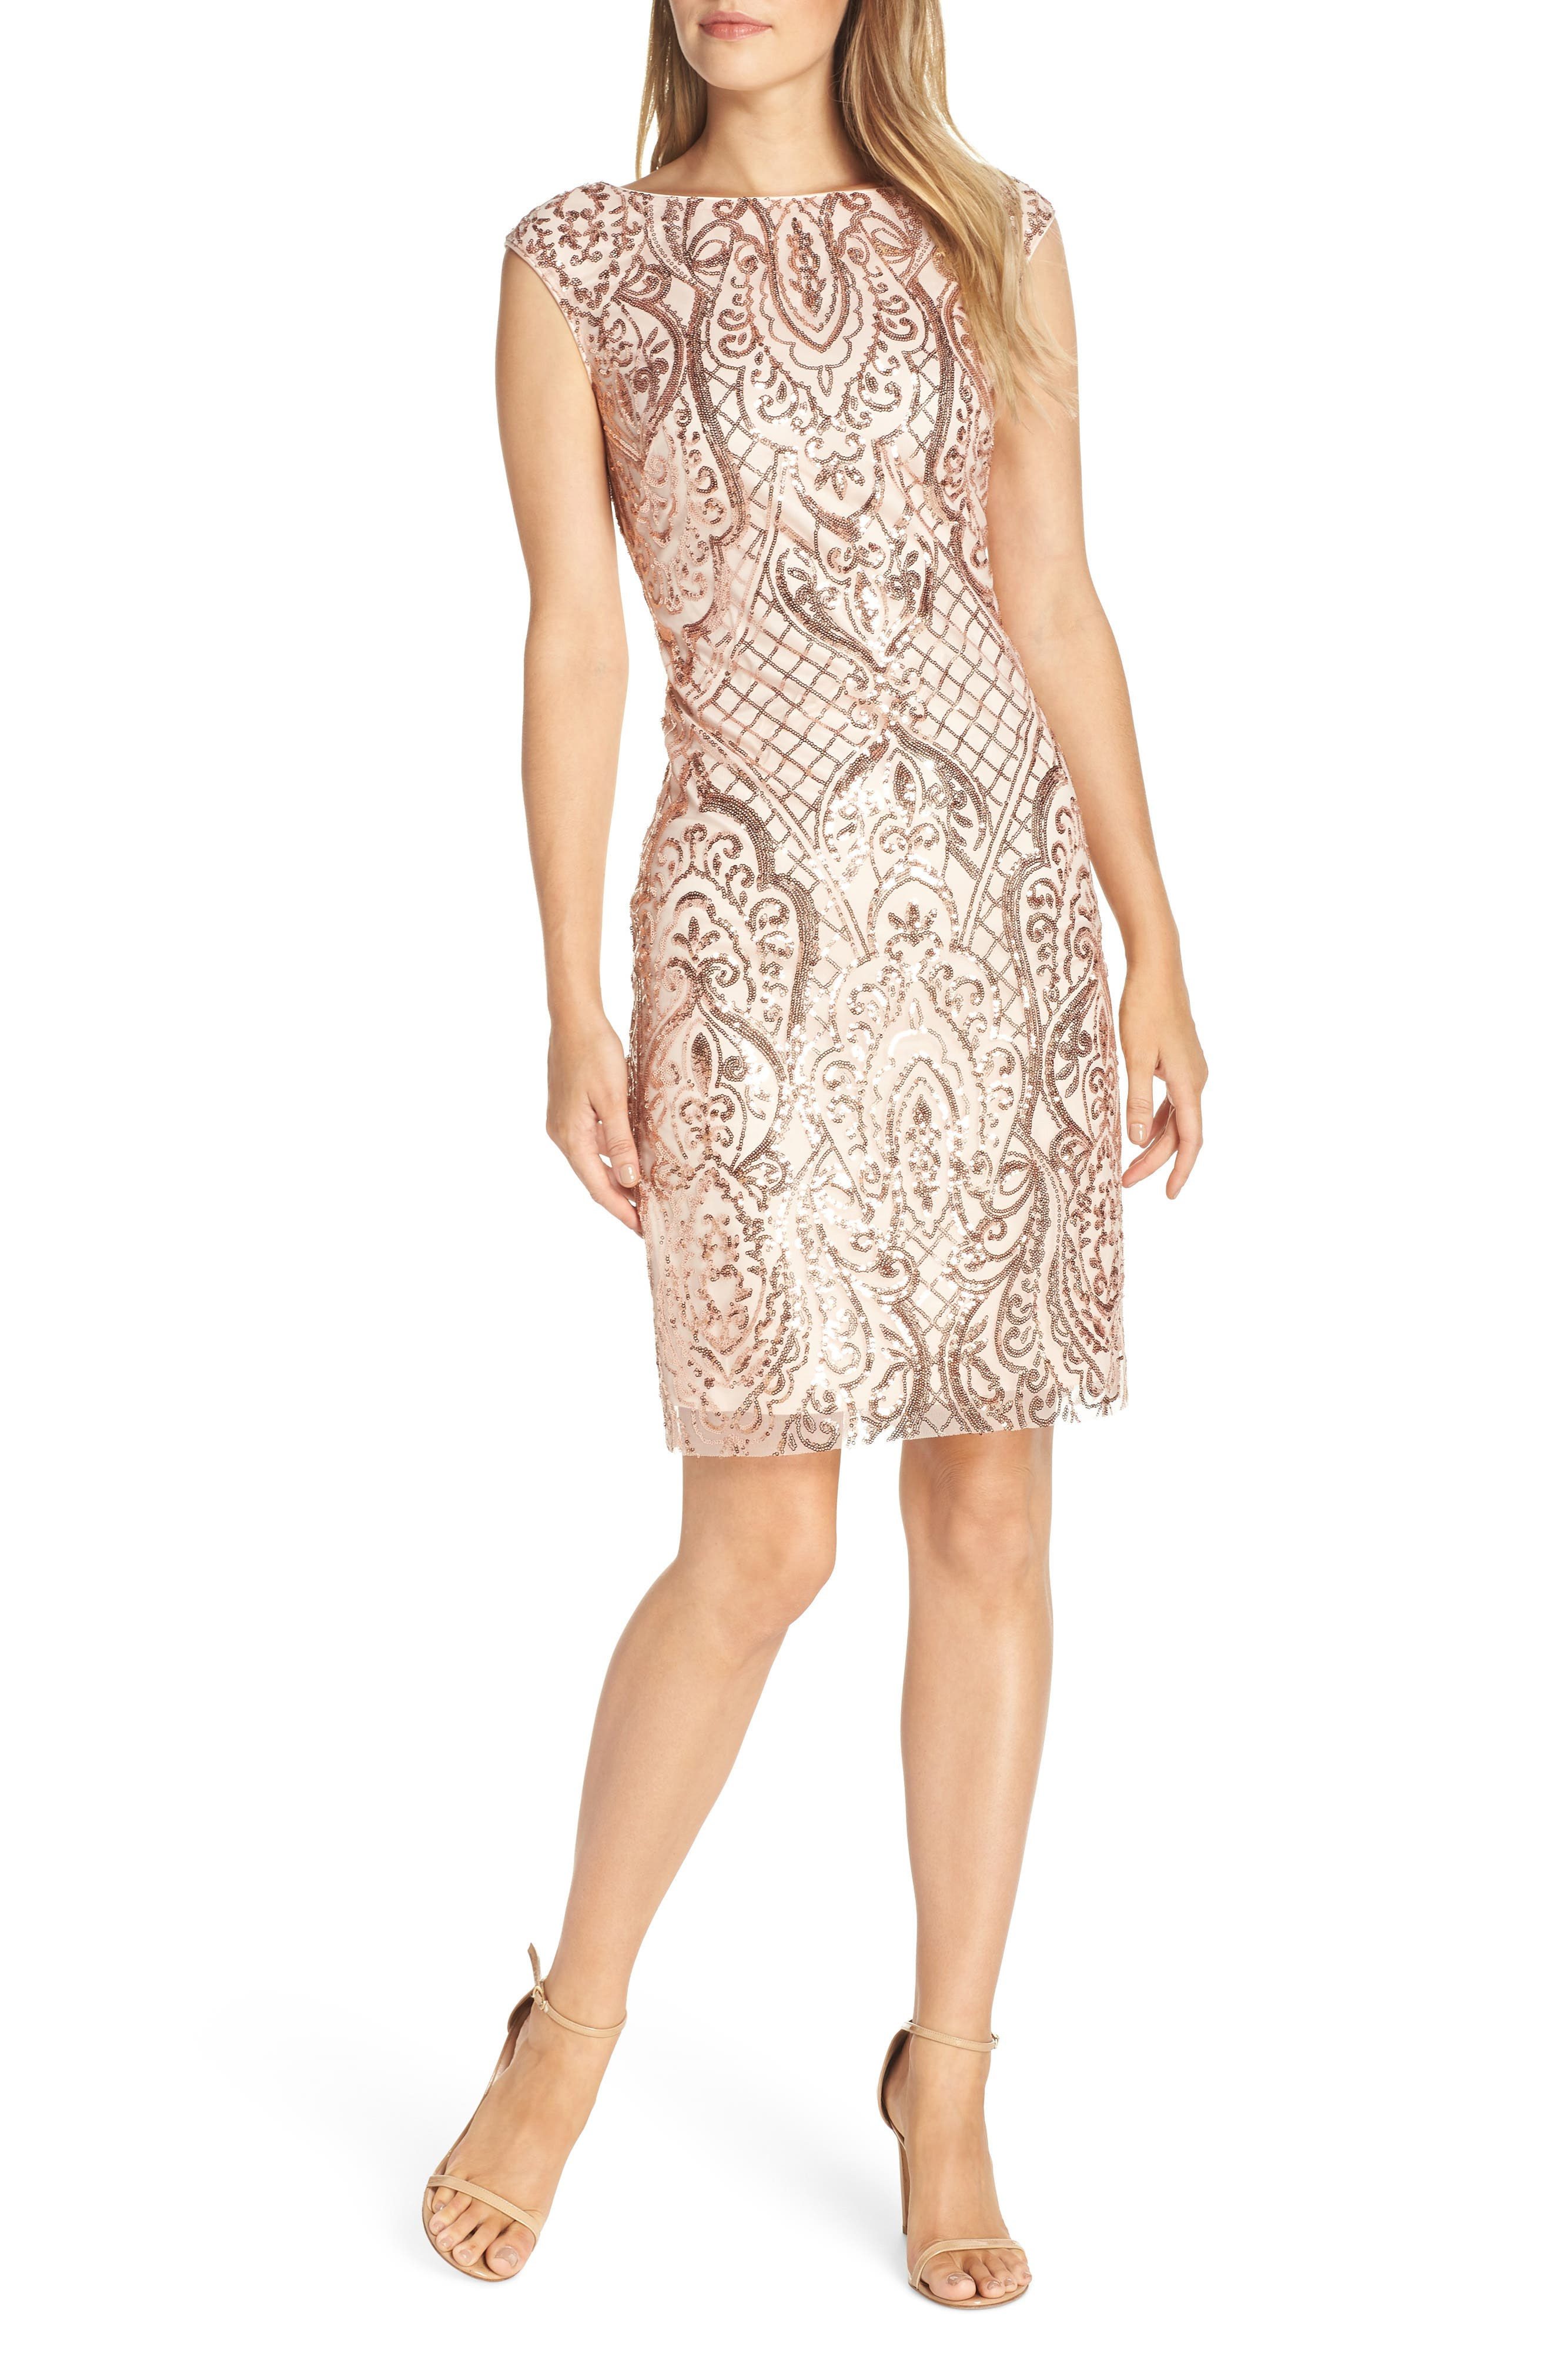 Vince Camuto Lace Dresses